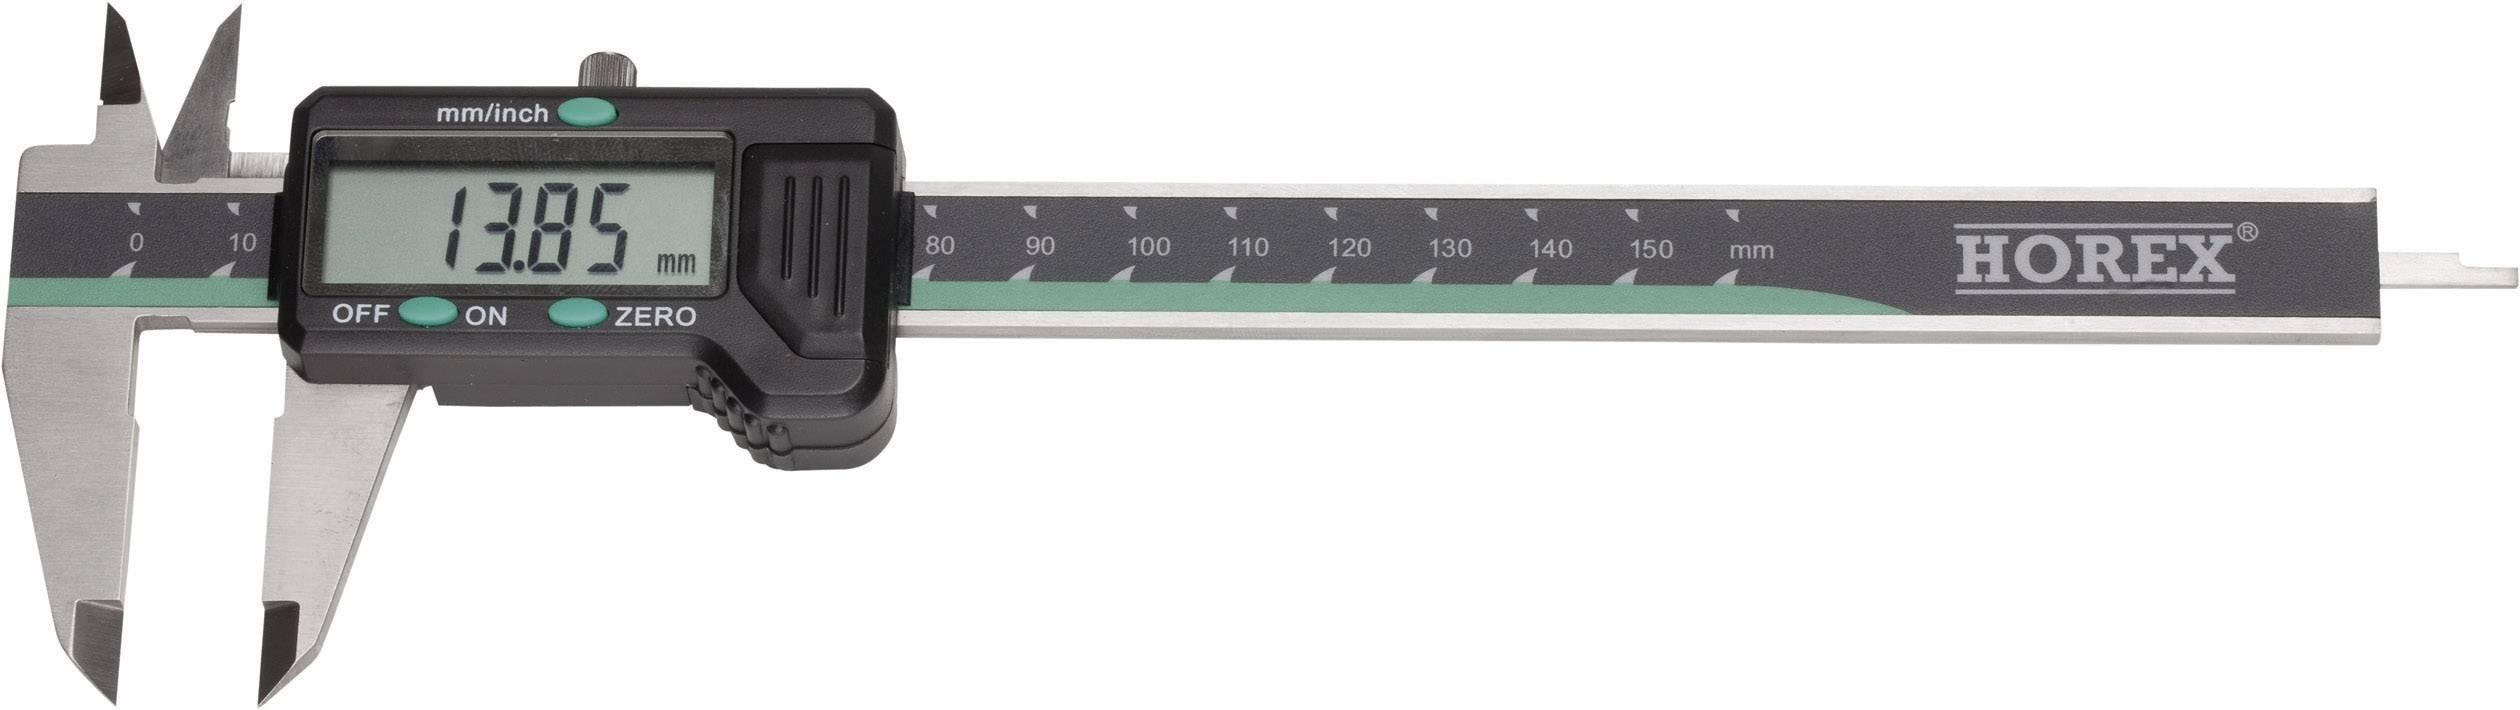 Digitální posuvné měřítko Horex 2211216, měřicí rozsah 150 mm